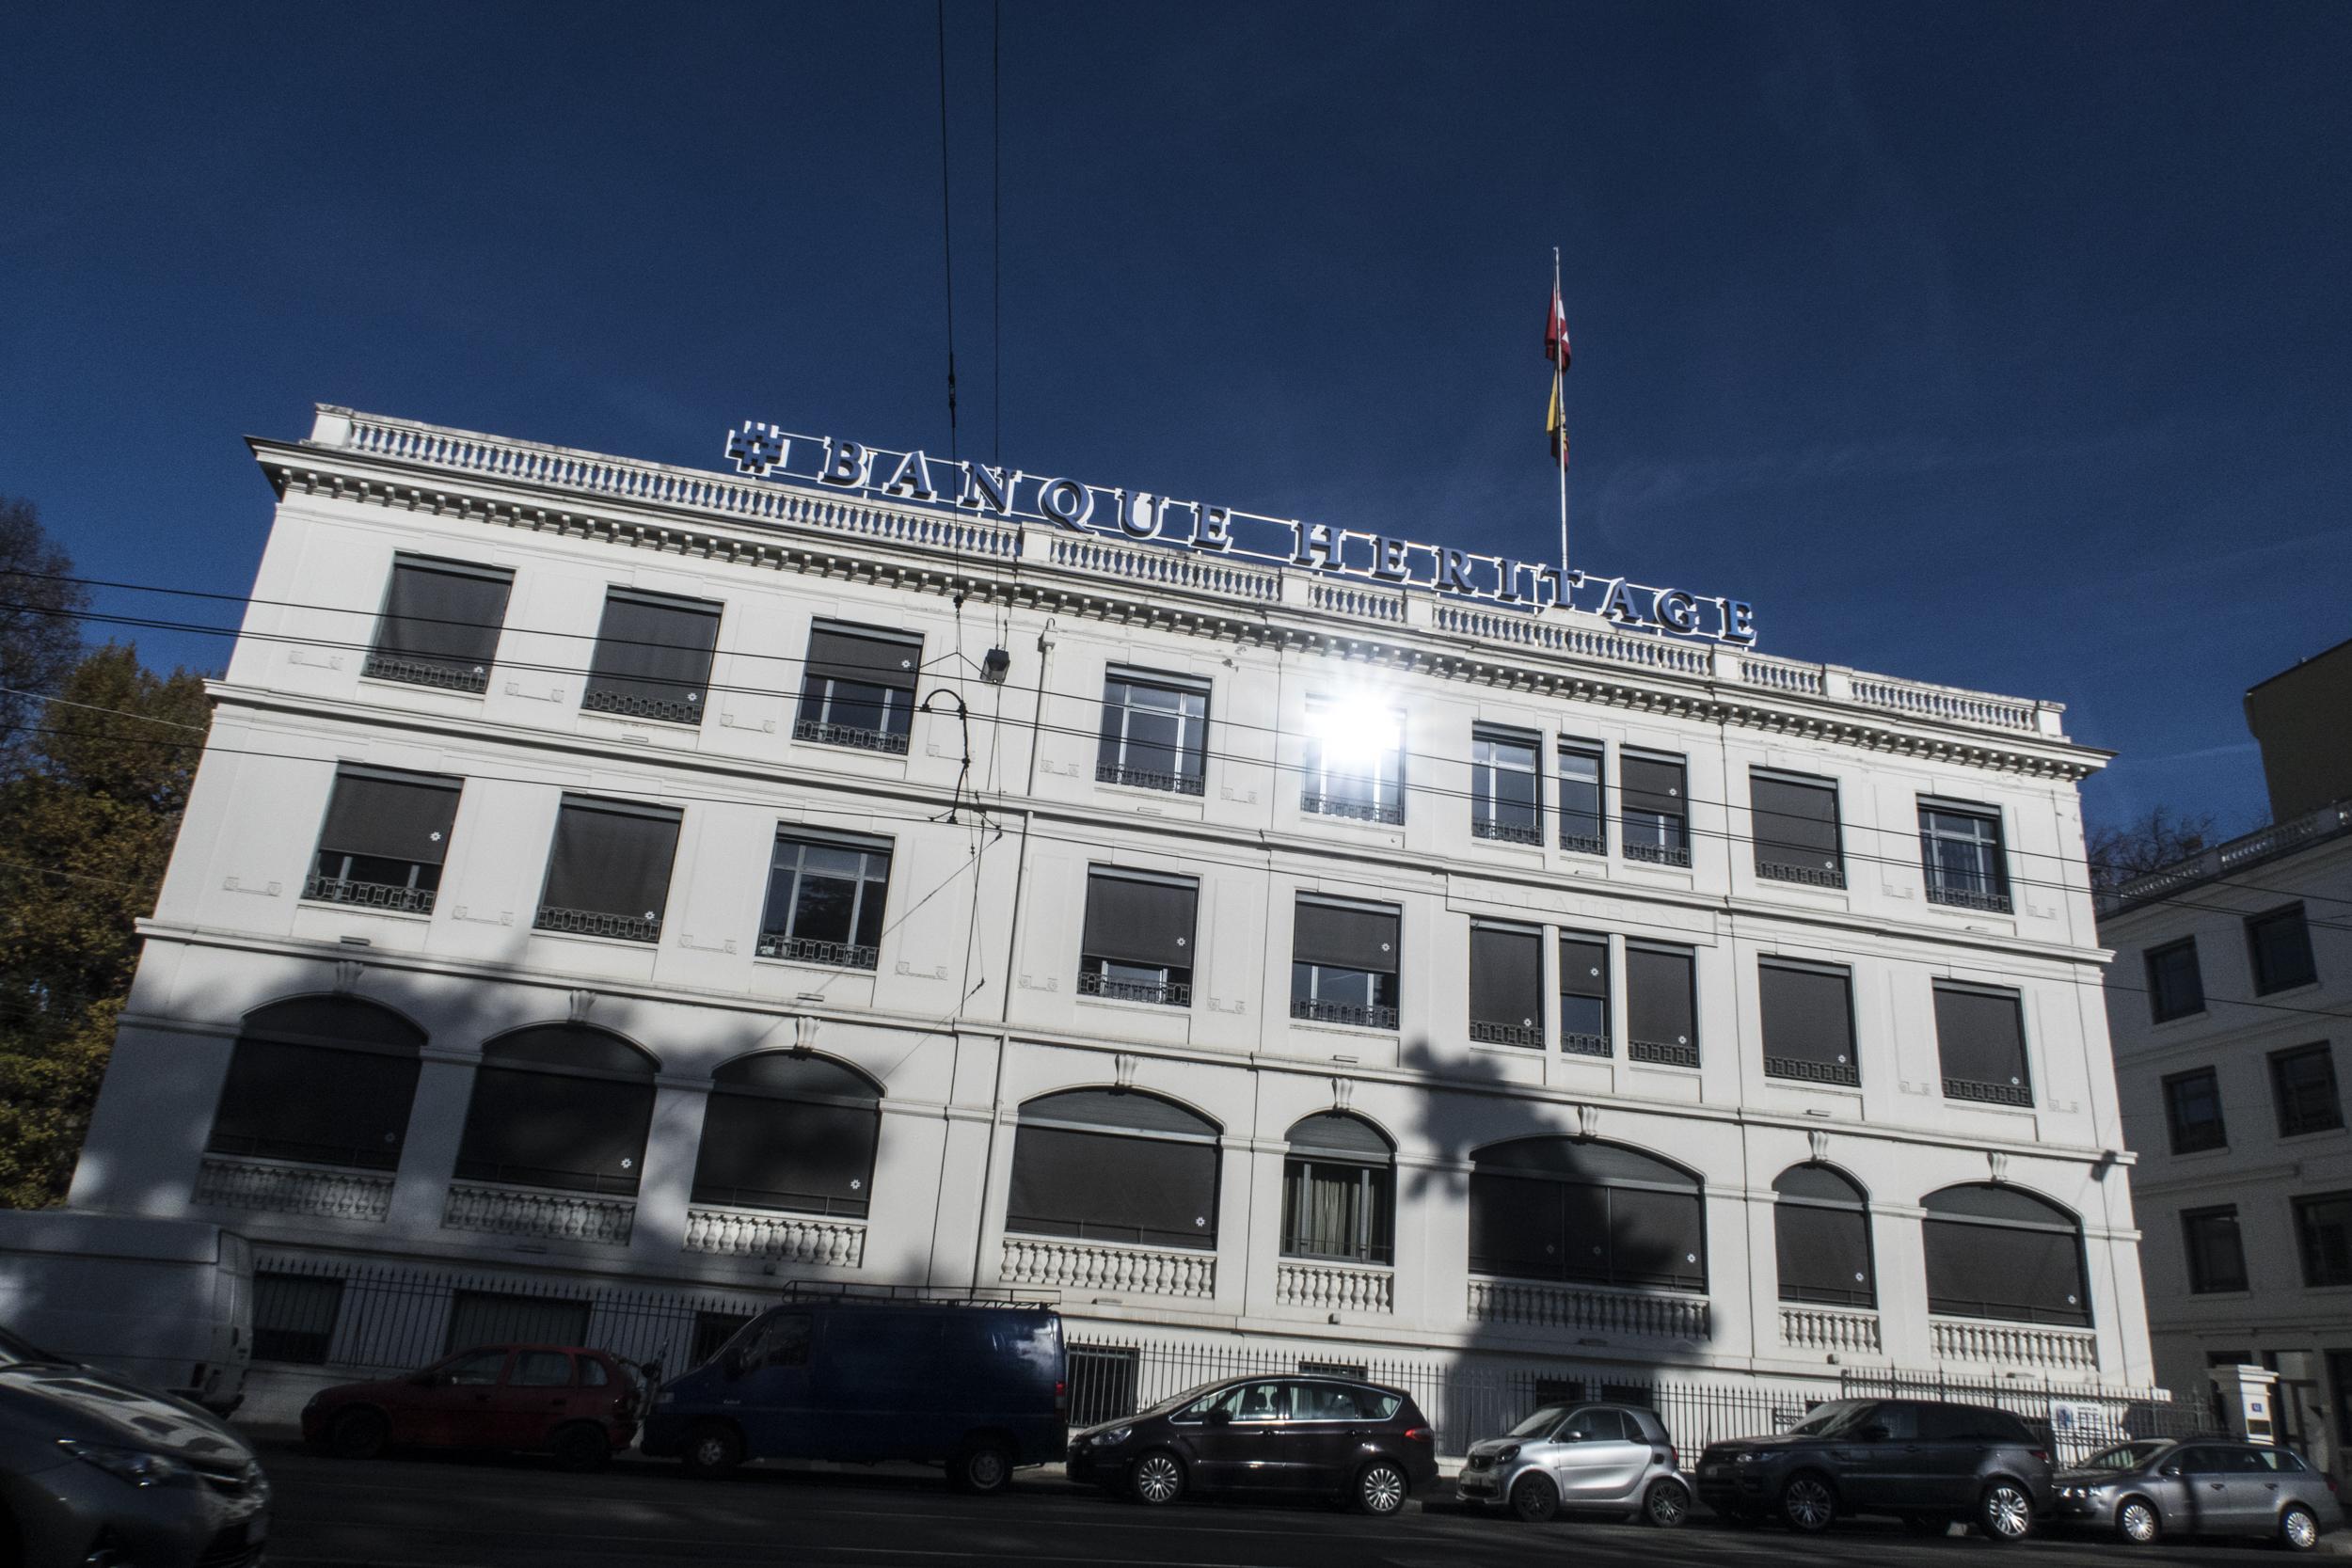 La banque Heritage à Genève. © Alberto Campi / 21 novembre 2017